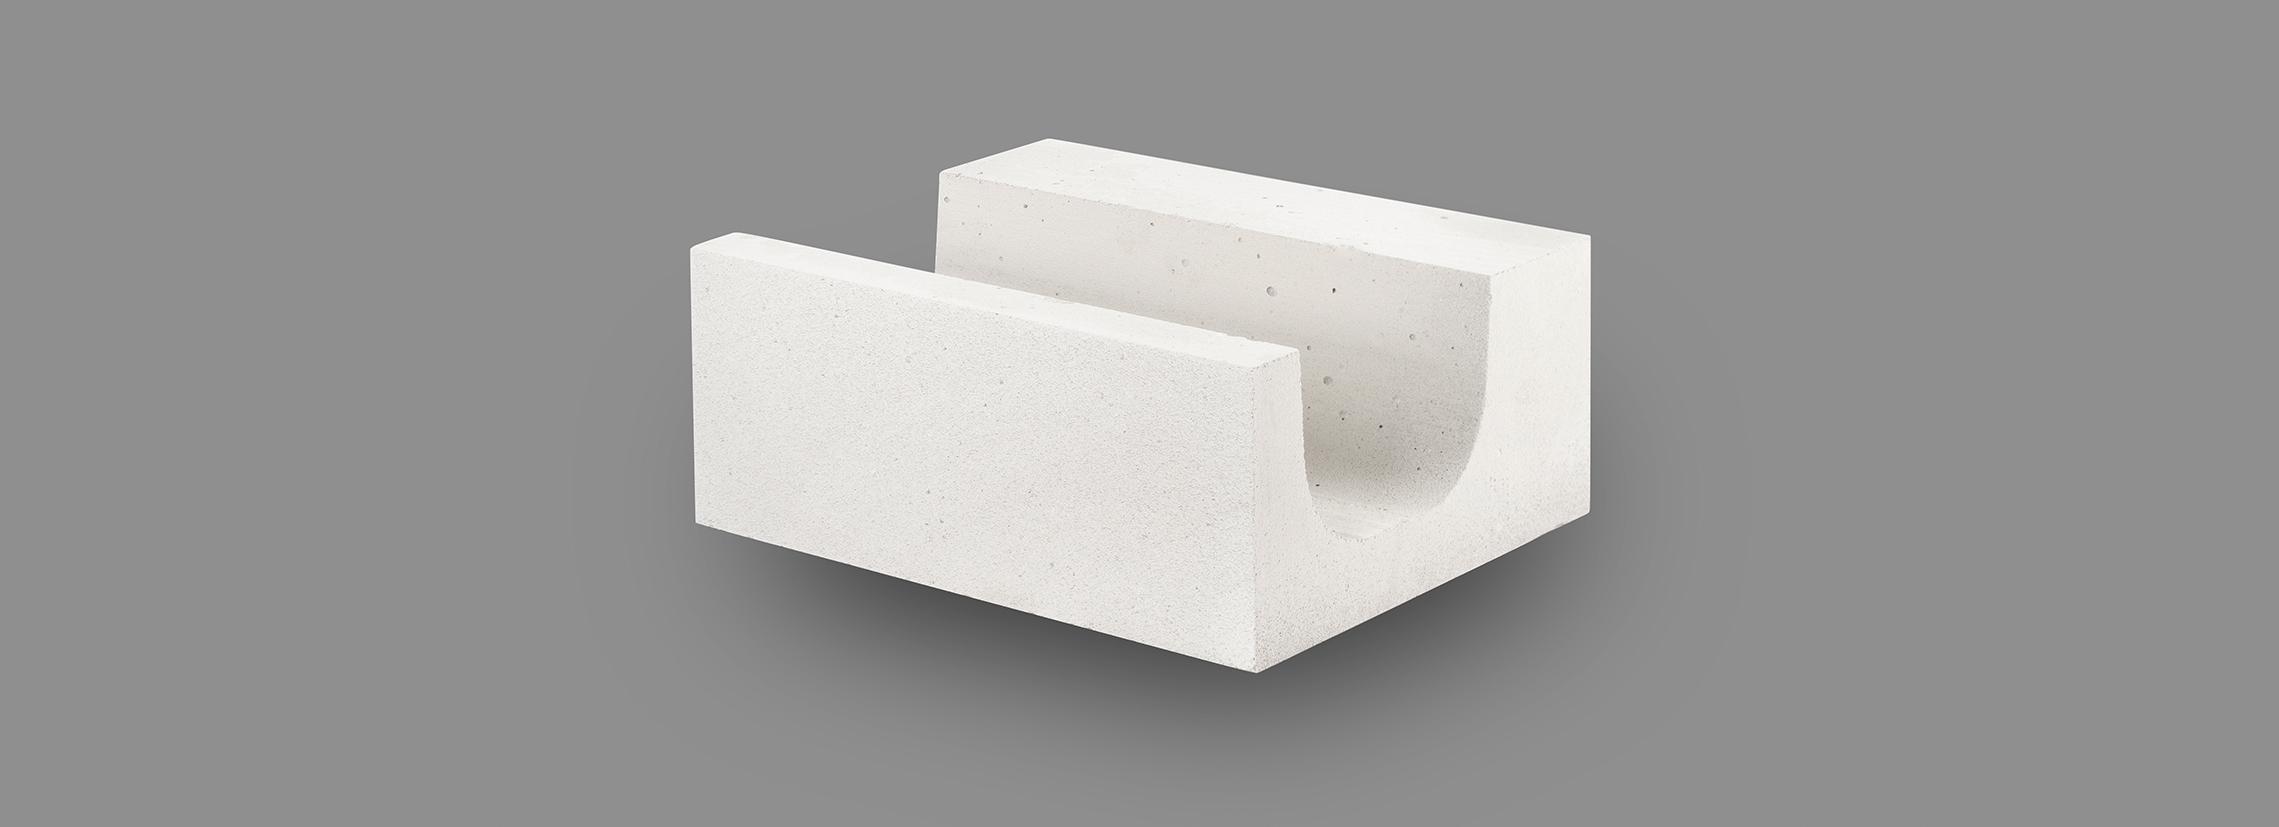 U элемент бетон лепка из бетона